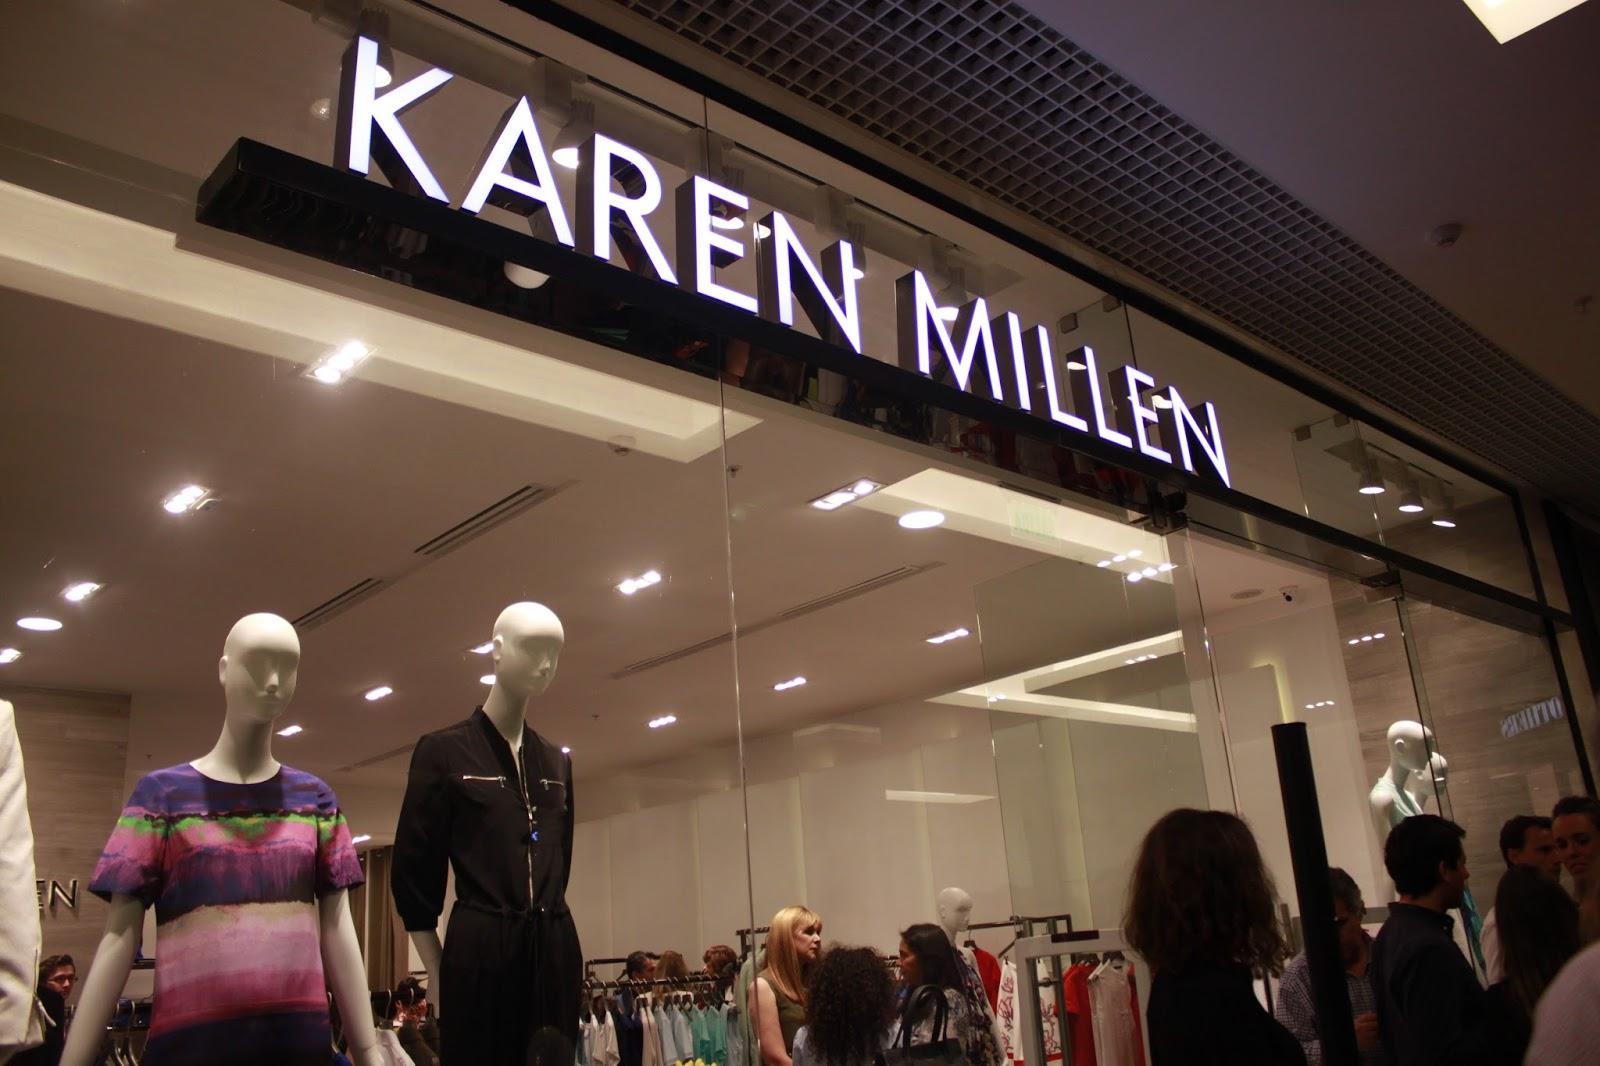 08f4f1c0 Con su nueva apertura de tienda durante este año en el mall Casacostanera,  la marca de moda internacional Karen Millen trae a Chile por primera vez su  moda ...